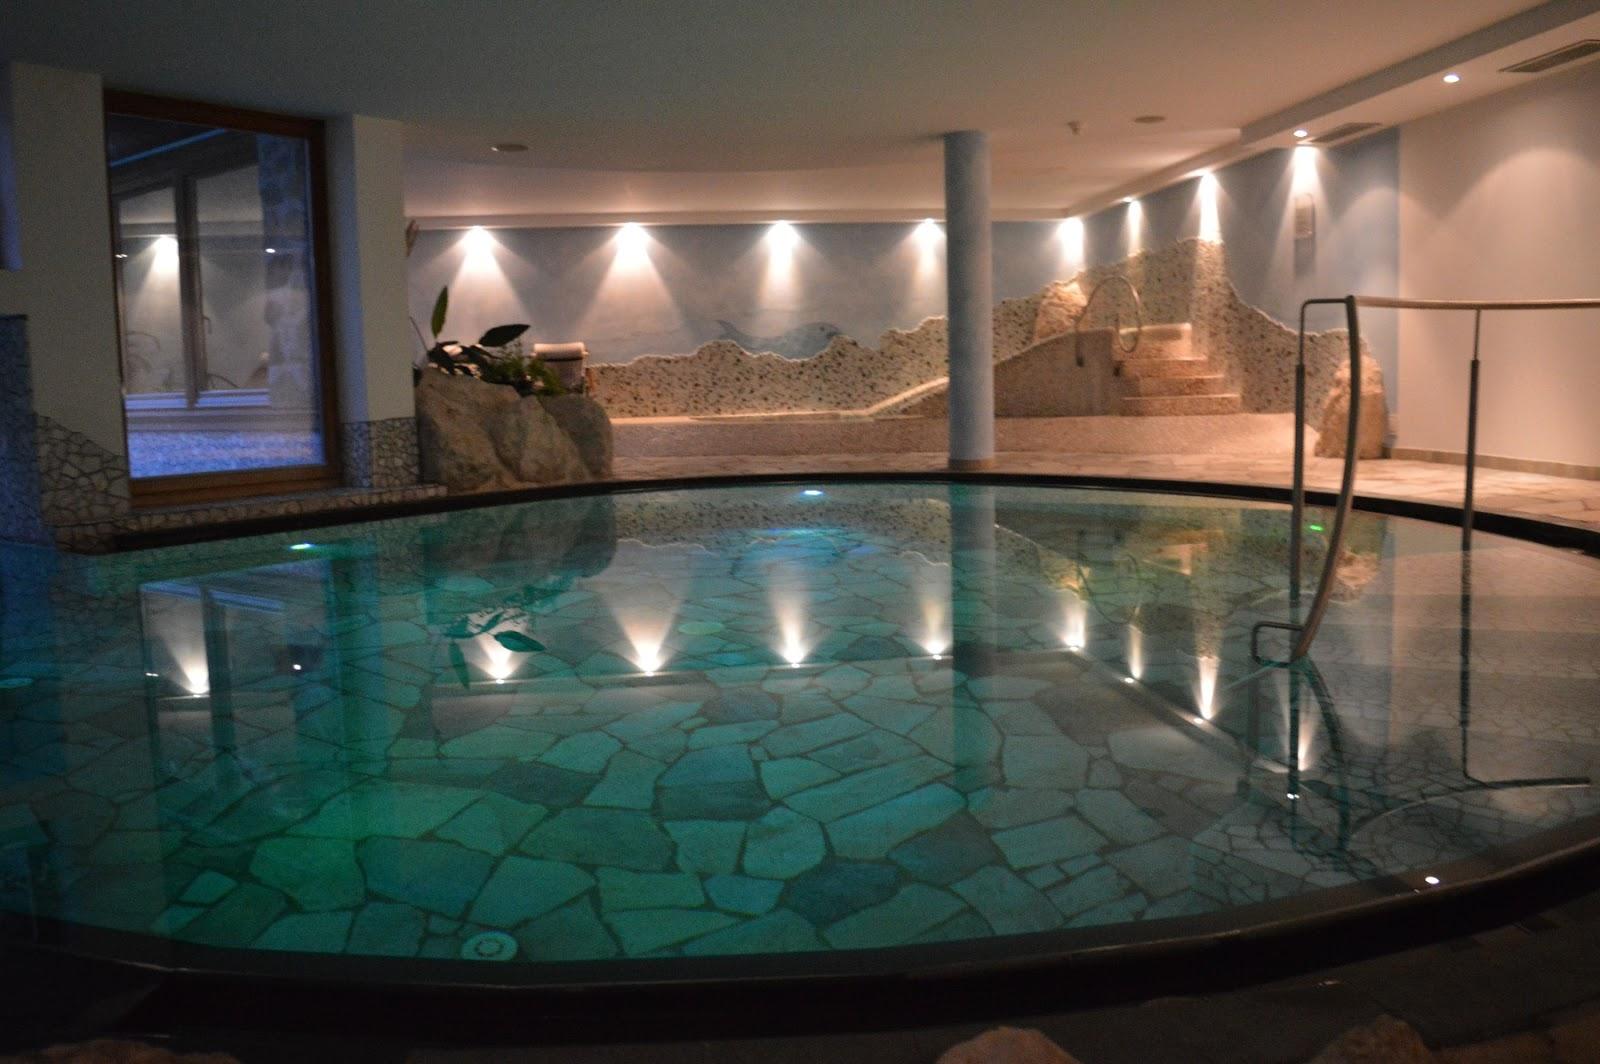 Hotel benessere in alto adige ecco il taubers unterwirt montagna di viaggi - Hotel in montagna con piscina ...